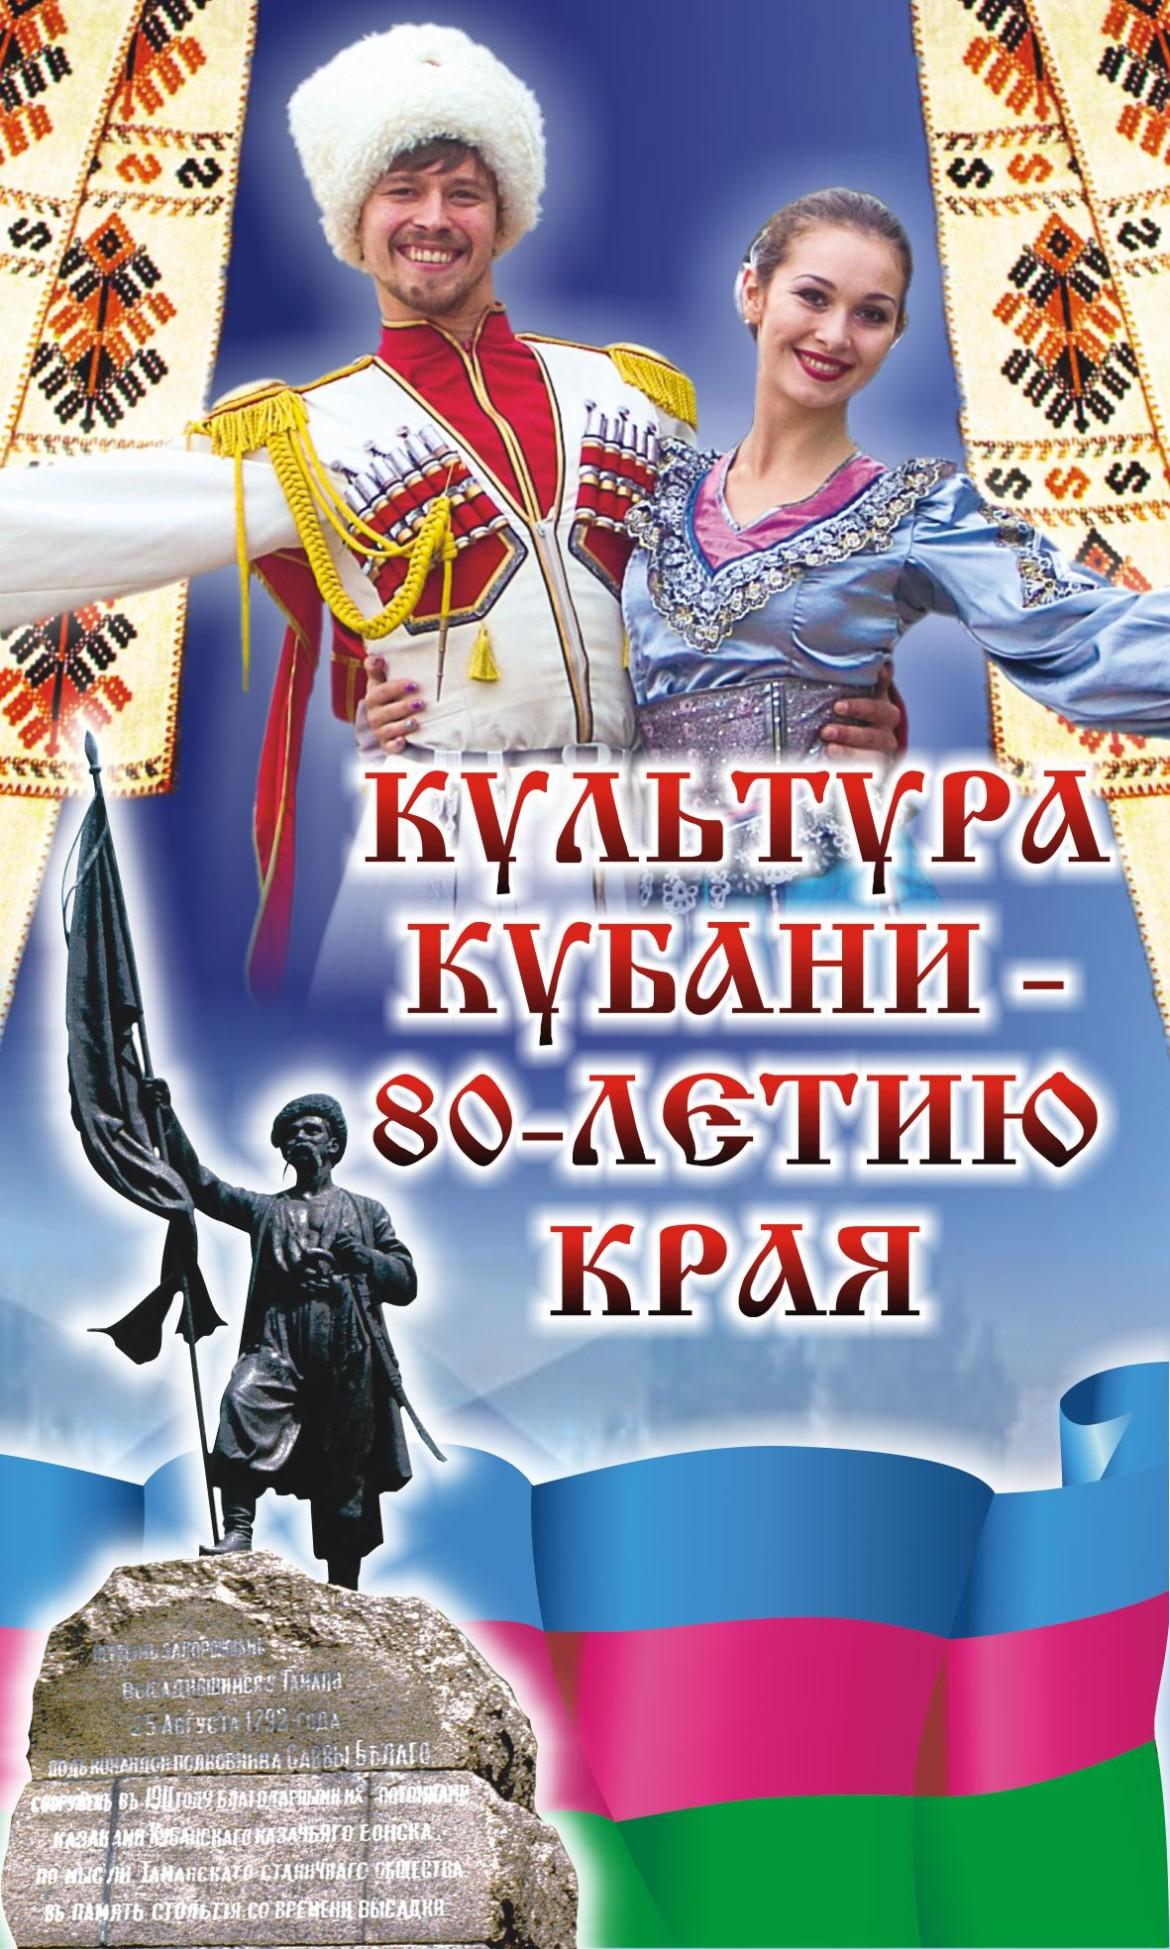 80 лет казакам